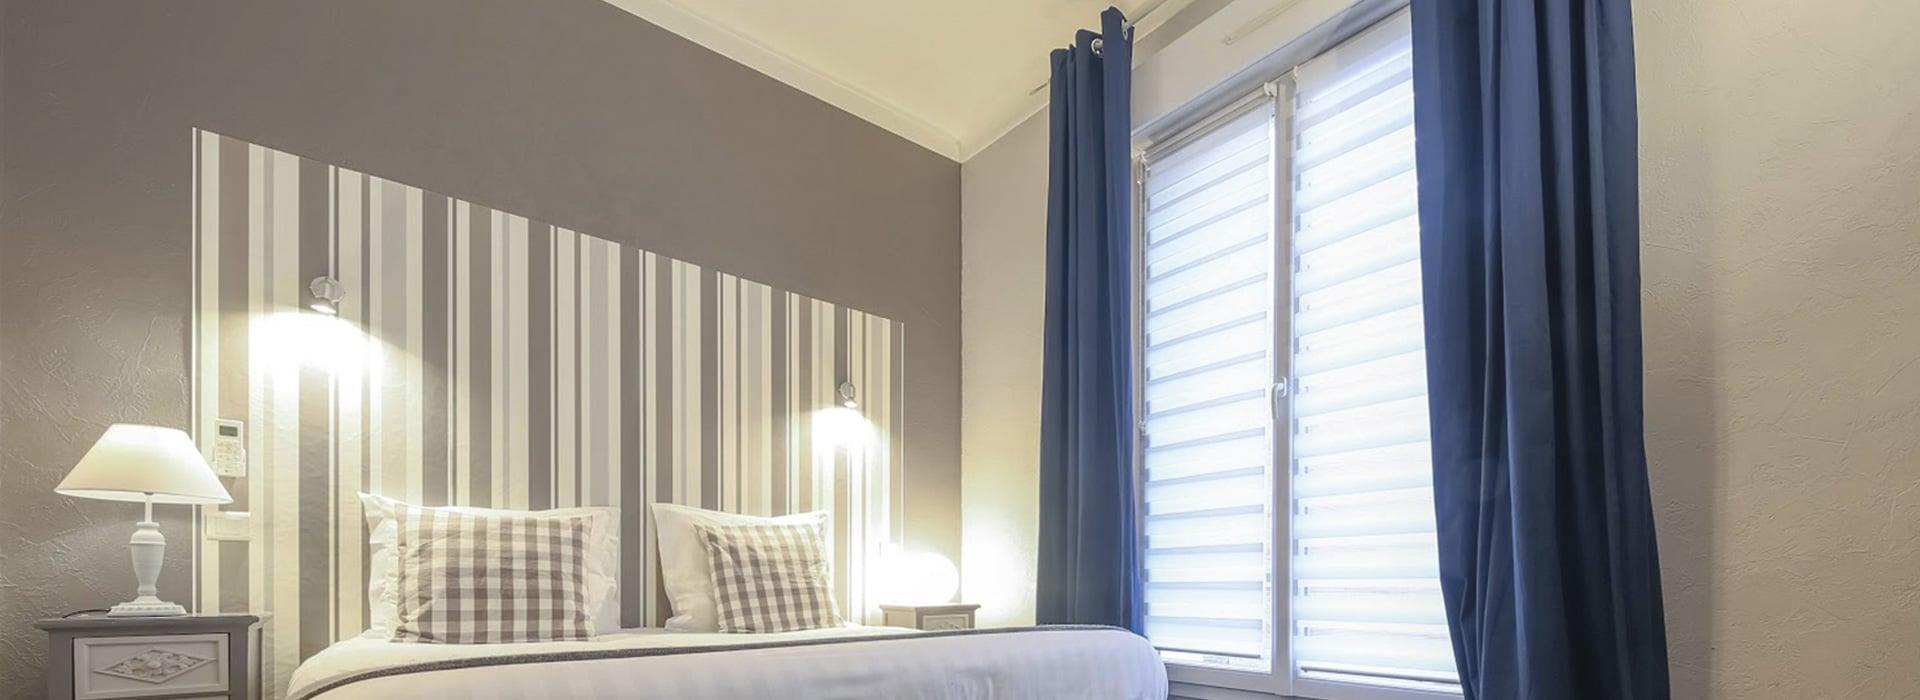 hotel-azur-chambre6